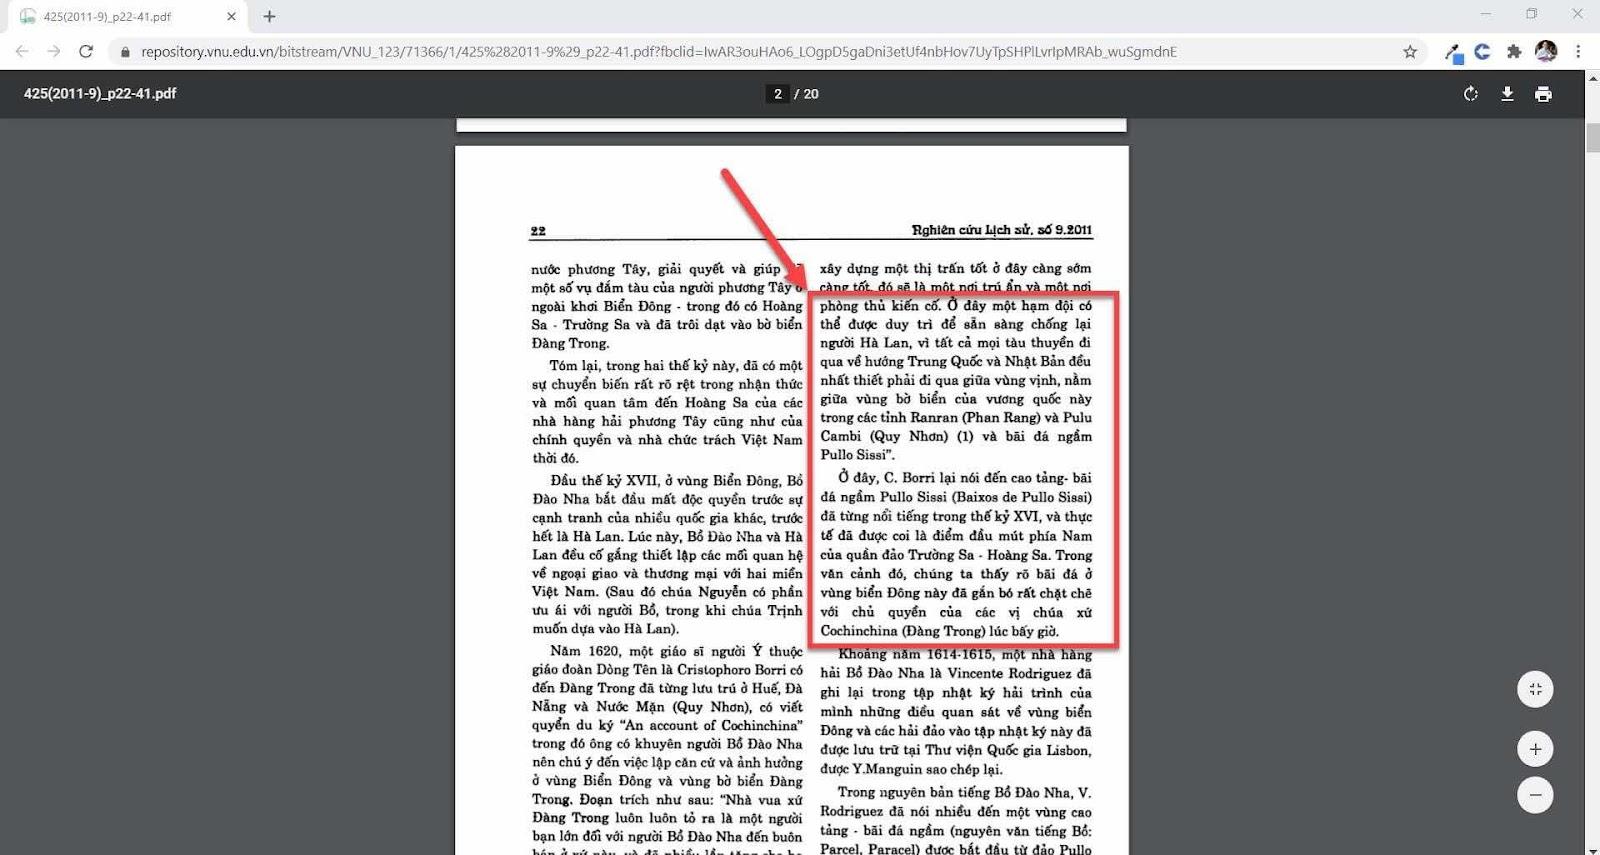 Về thầy Nguyễn Thừa Hỷ đã đọc bậy Anh ngữ như thế nào